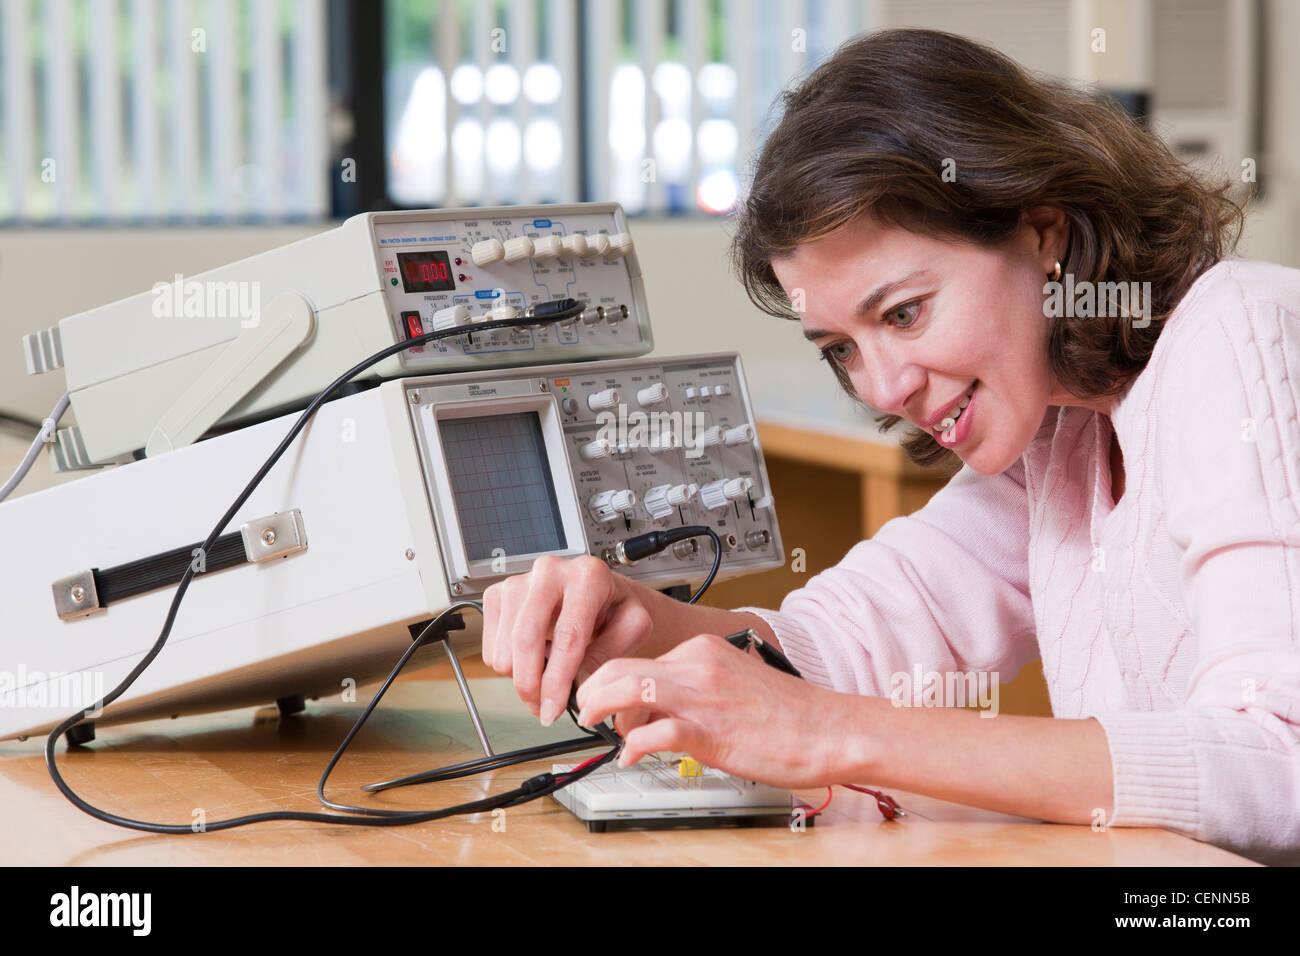 Ingenieurstudent Anschlussarbeiten auf Schaltung Steckbrett für Labor experimentieren Stockbild